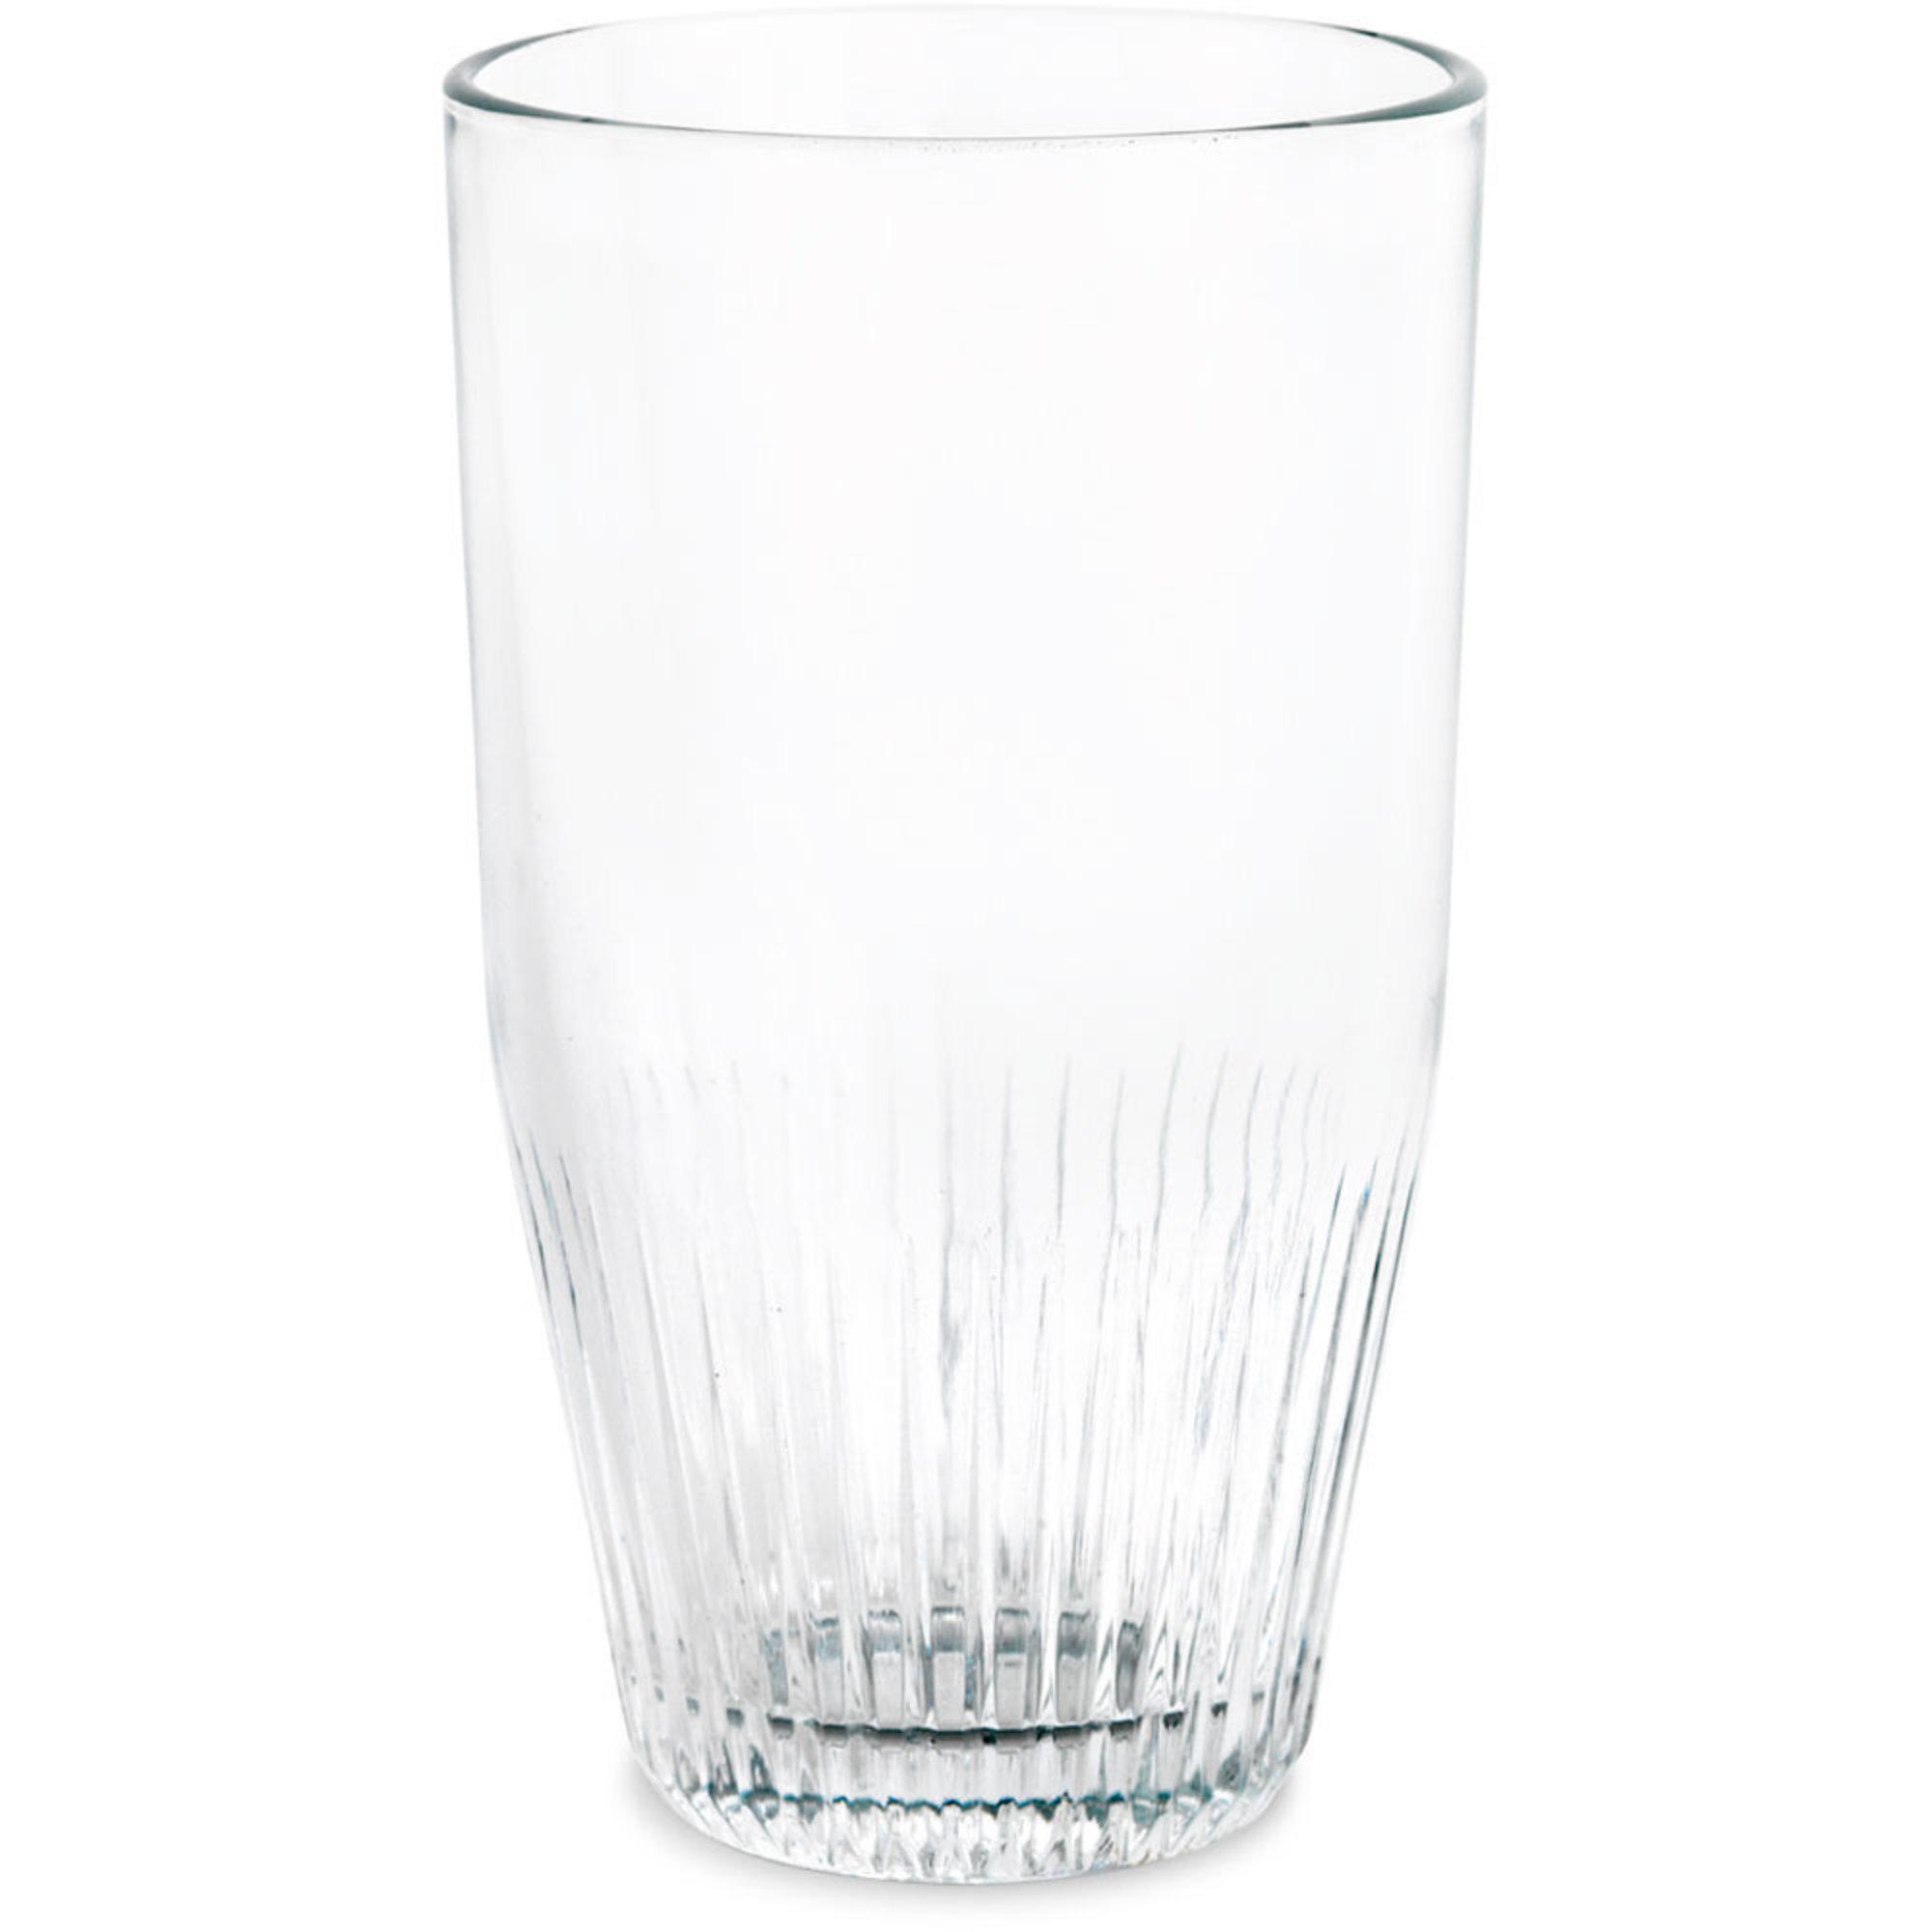 Rosendahl Glas 4-pack 38 cl